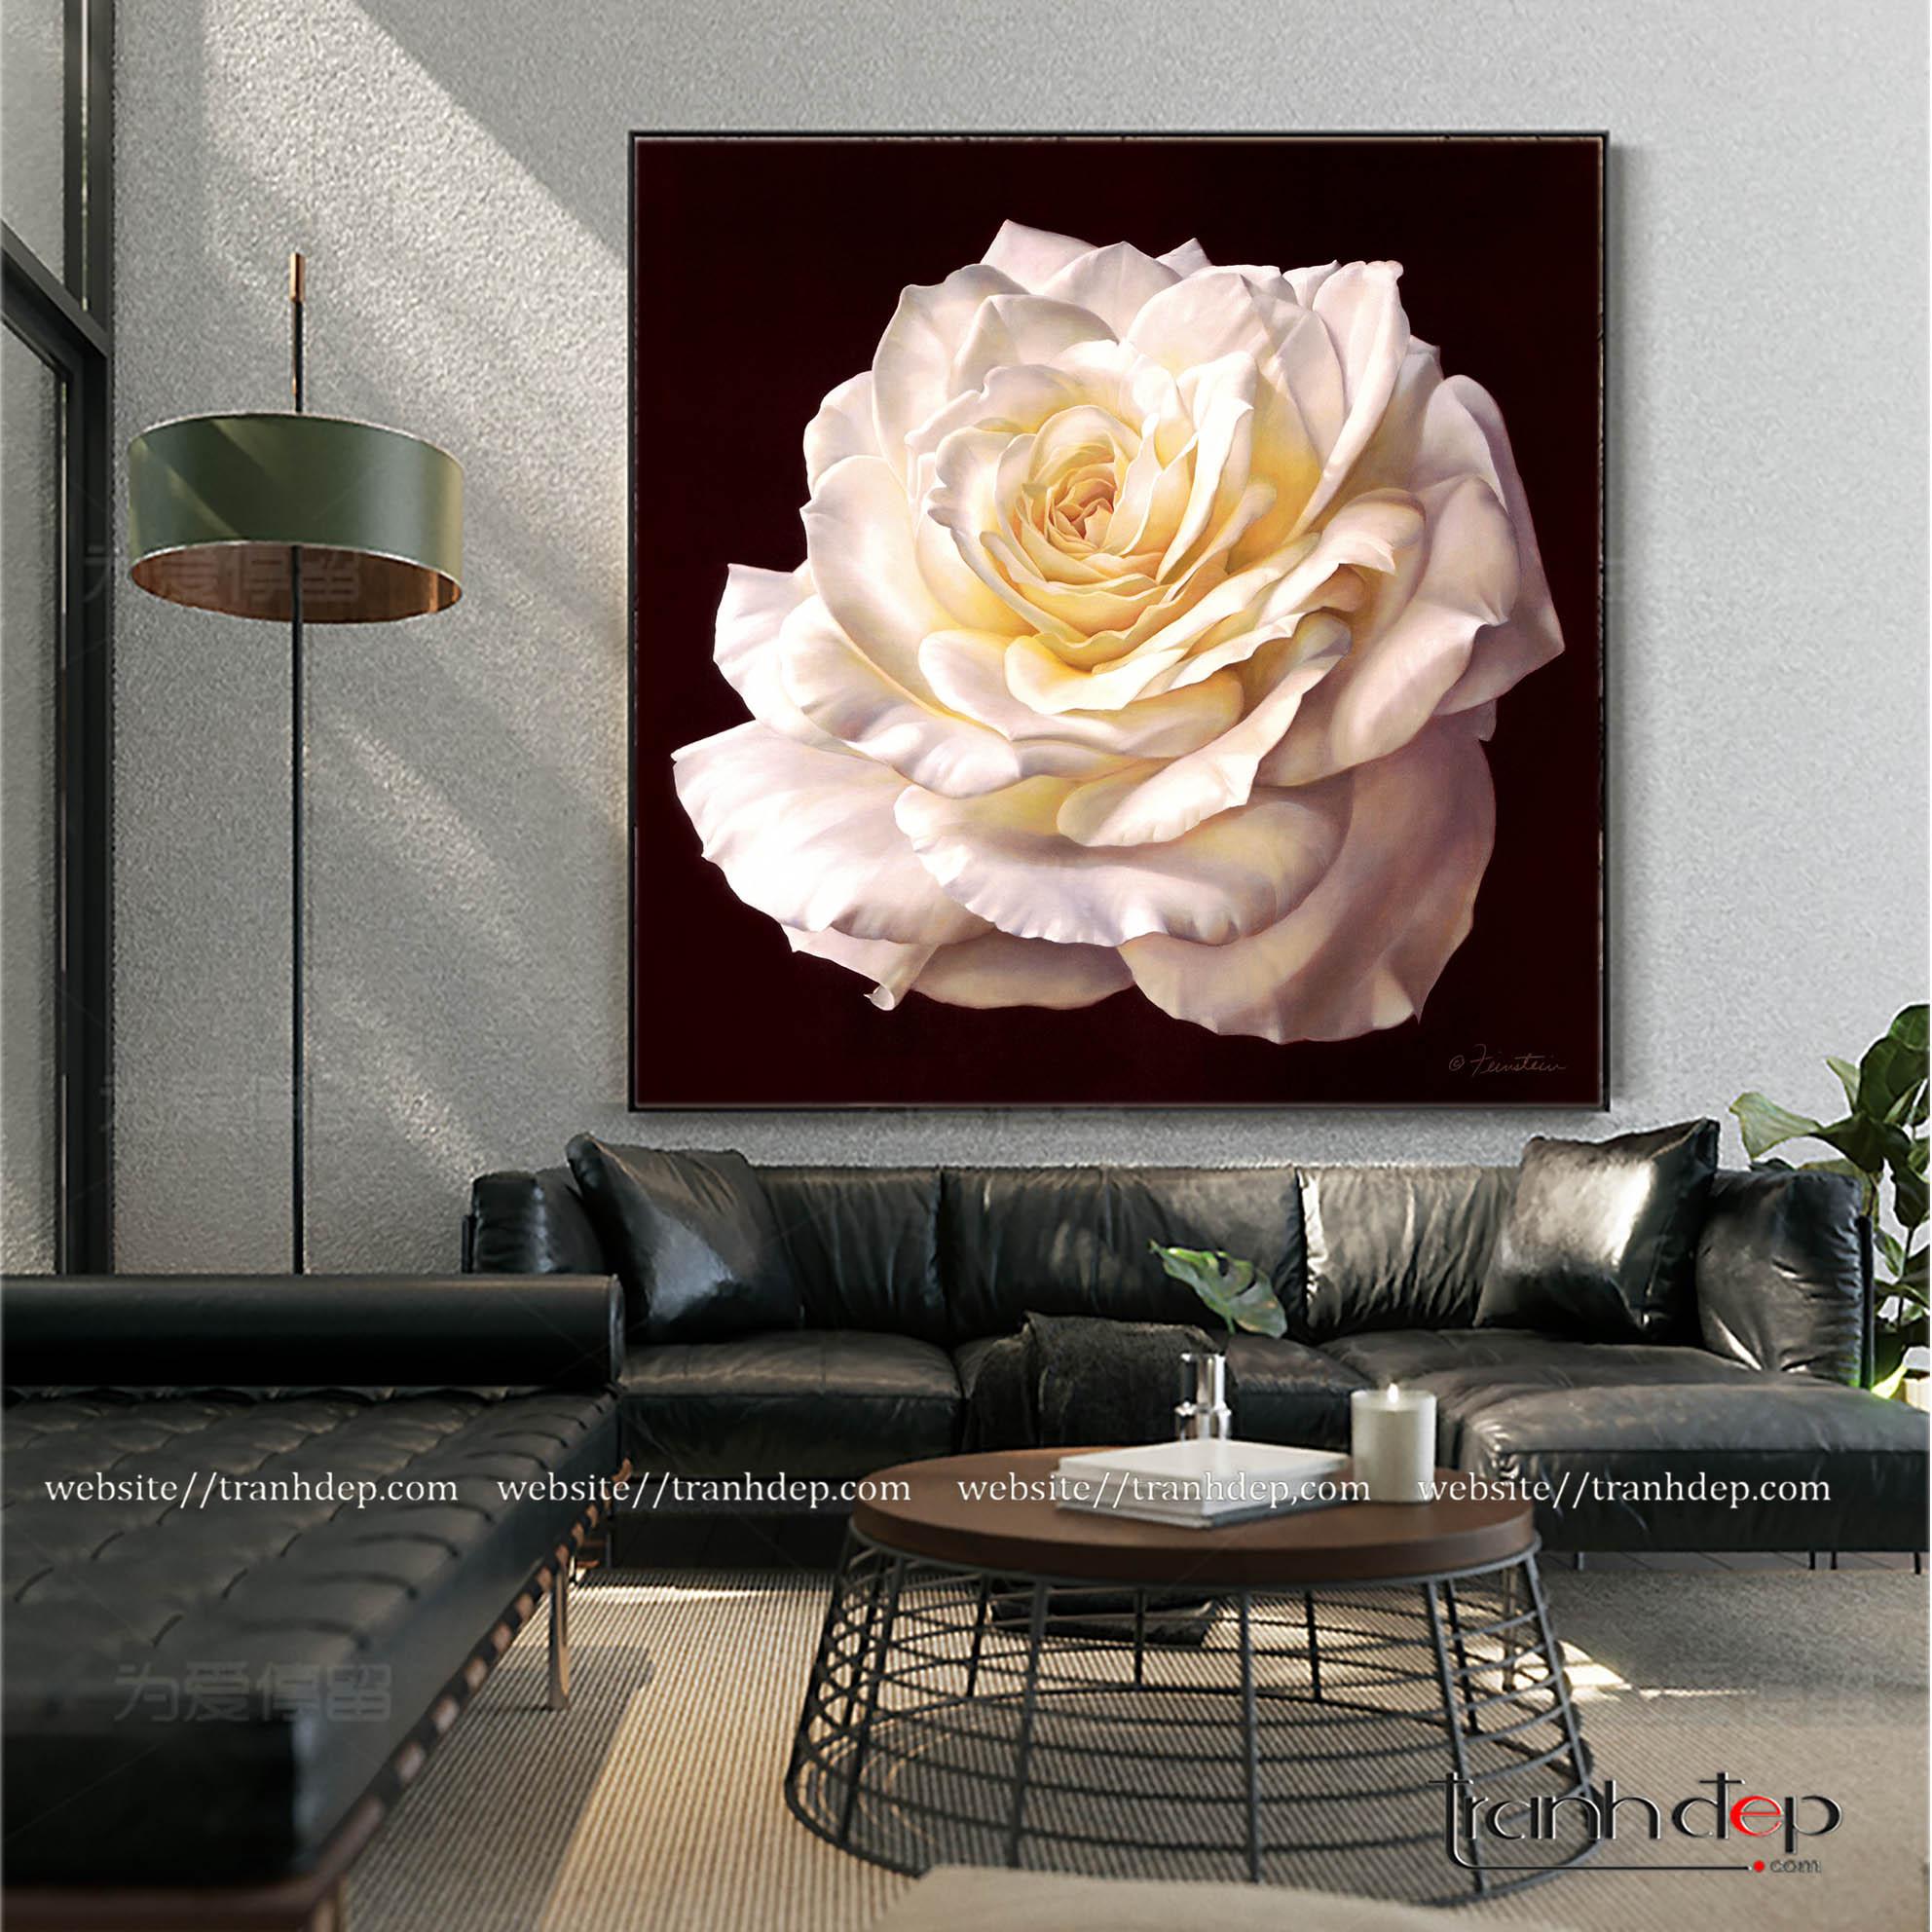 Tranh hoa hồng trắng tinh tế